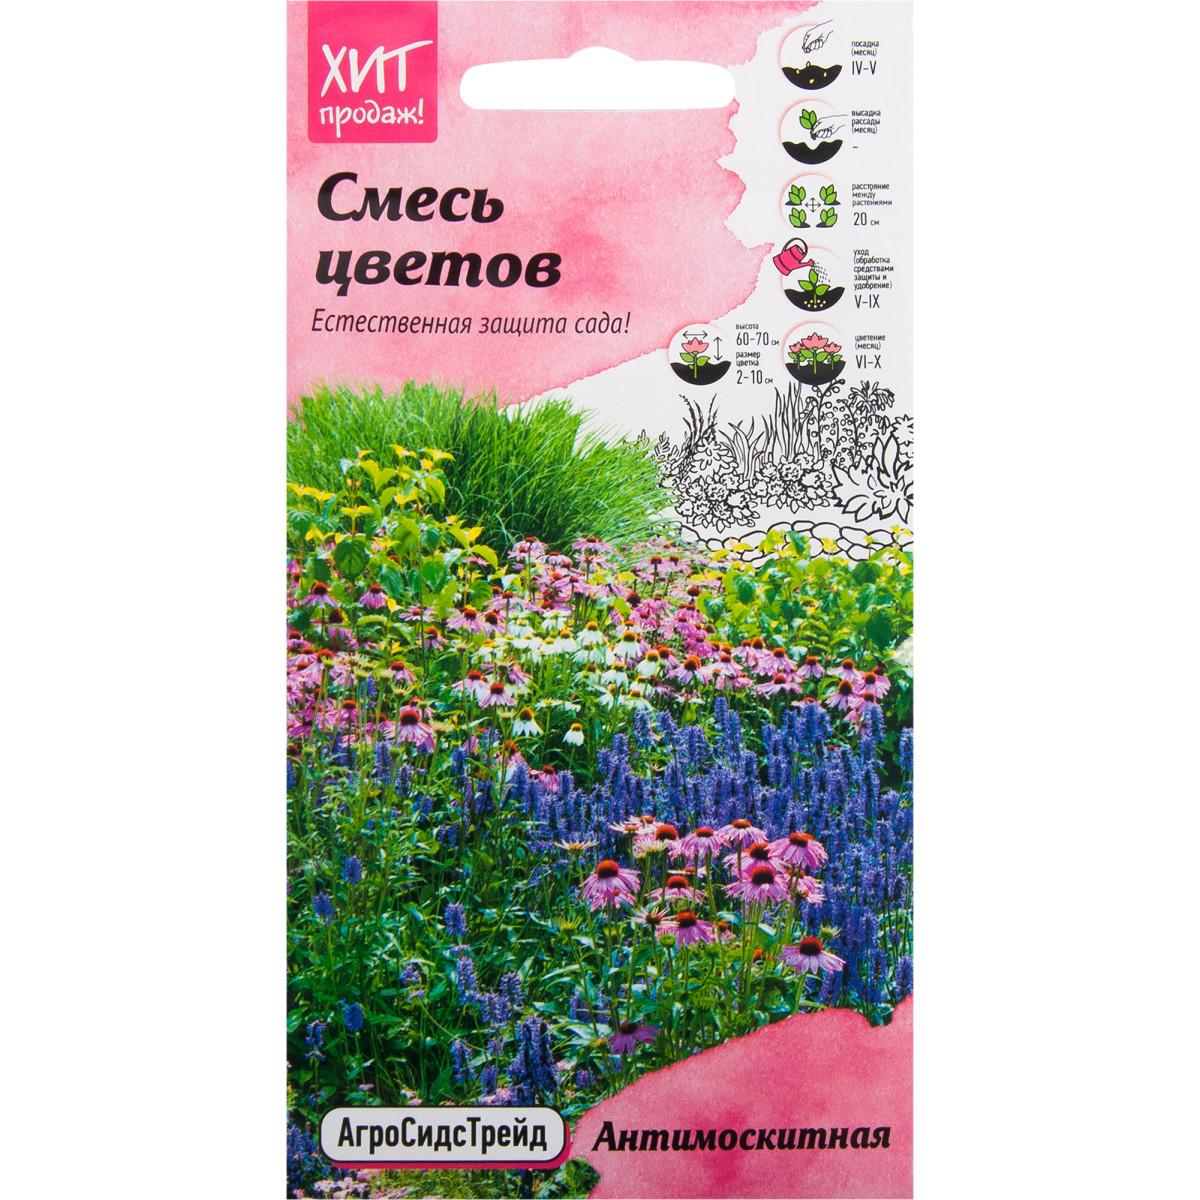 Смесь цветов Антимоскитная 1 г